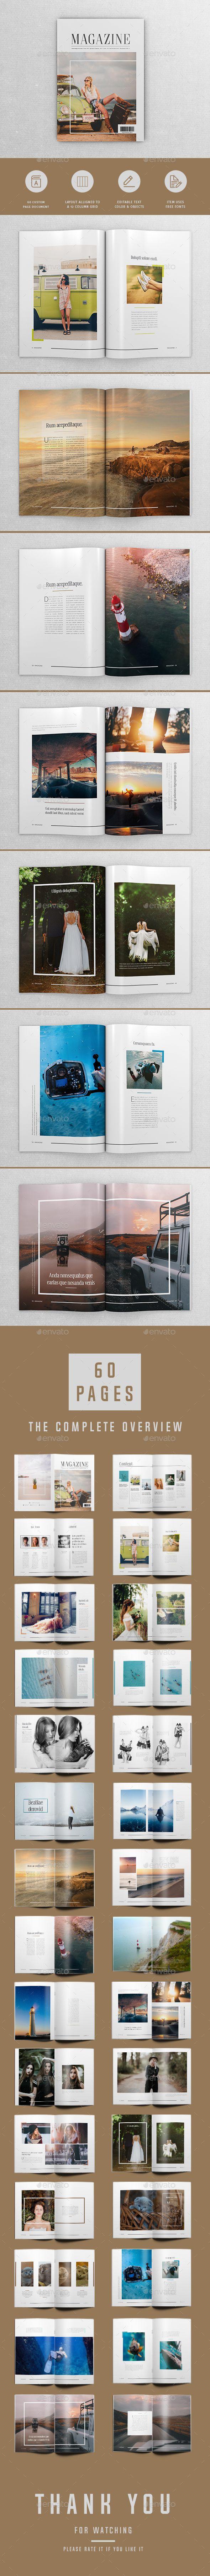 Magazine | Magazin